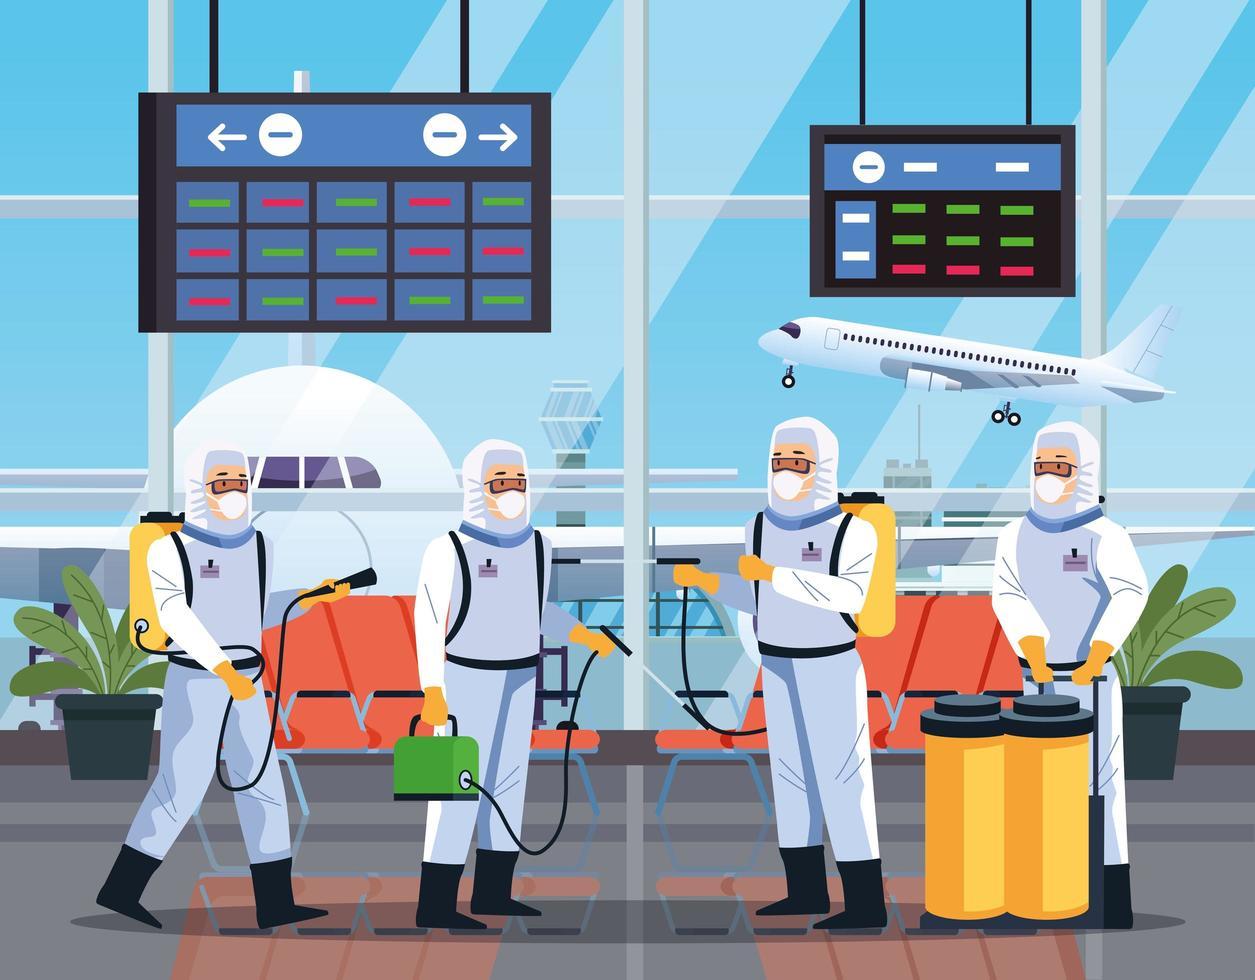 un groupe de travailleurs de la biosécurité désinfecte l'aéroport vecteur